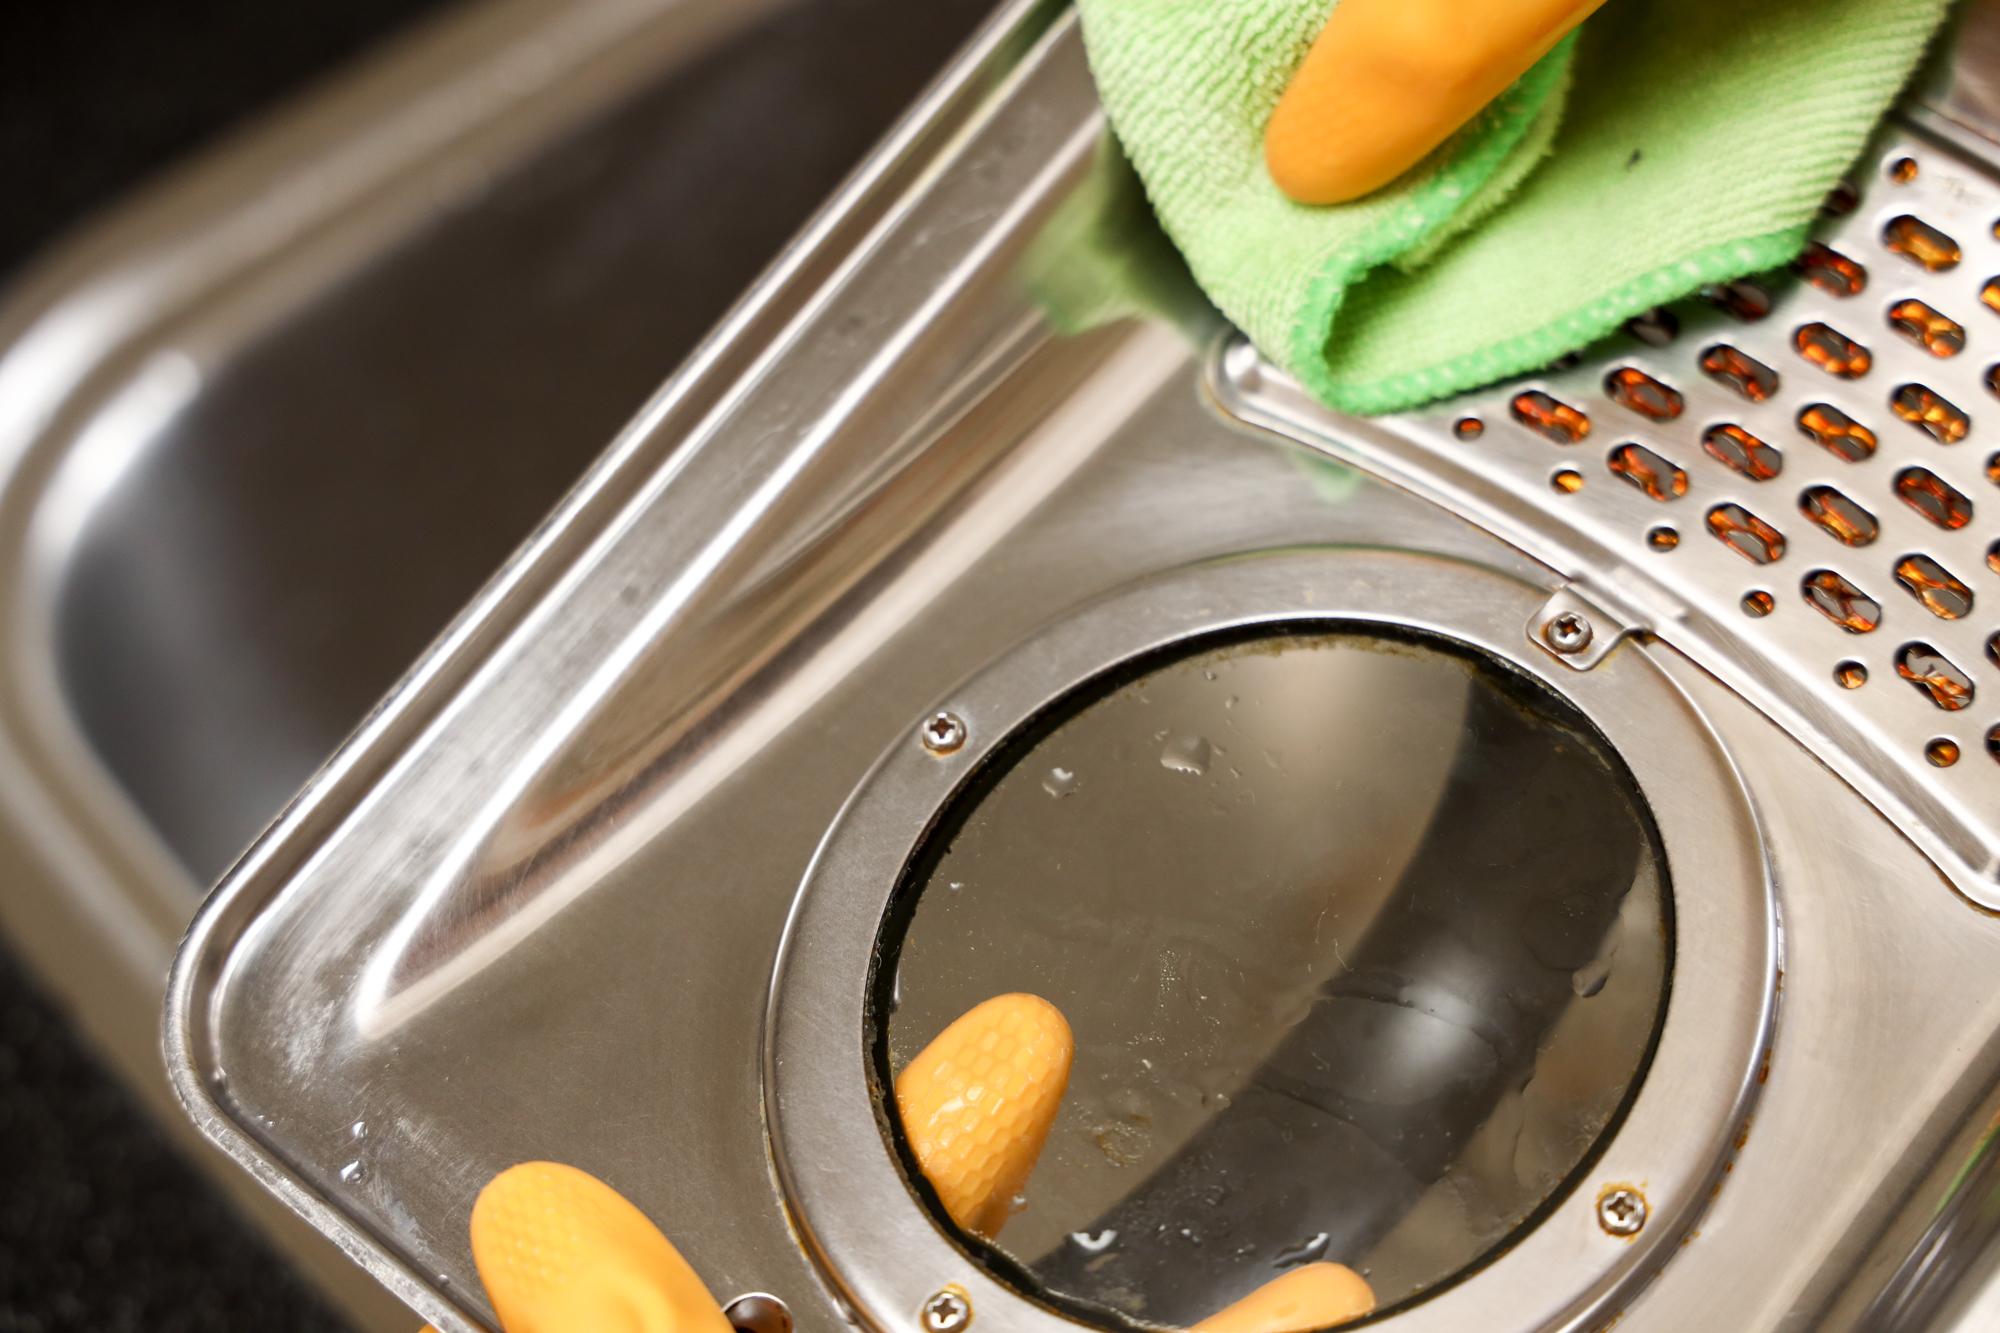 frituurpan schoonmaken